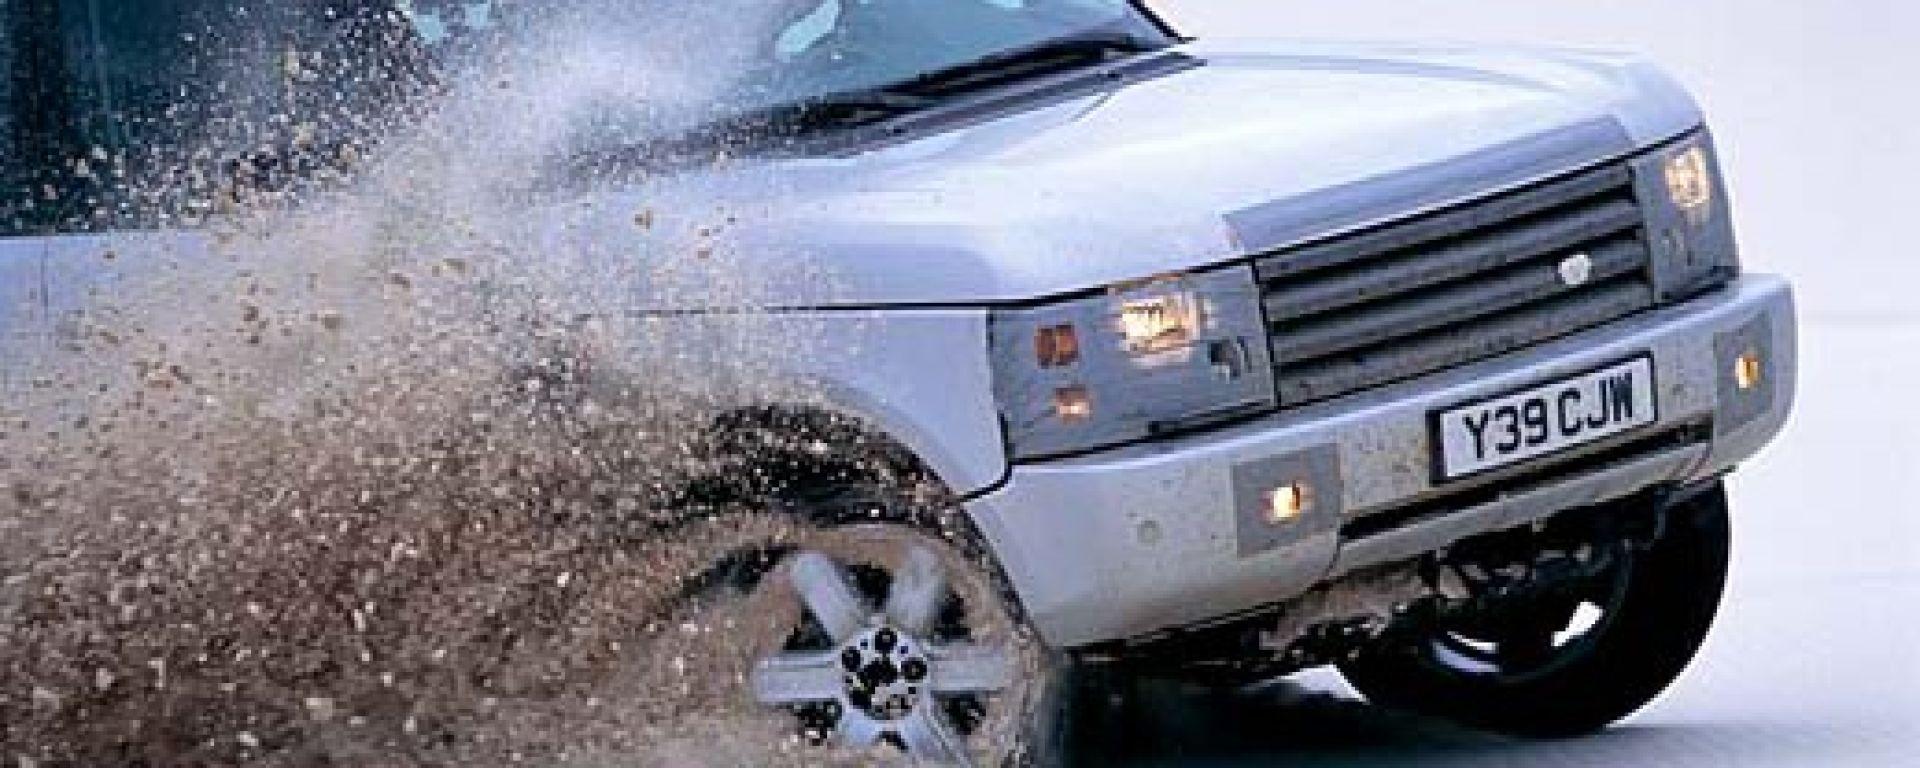 Range Rover my 2002